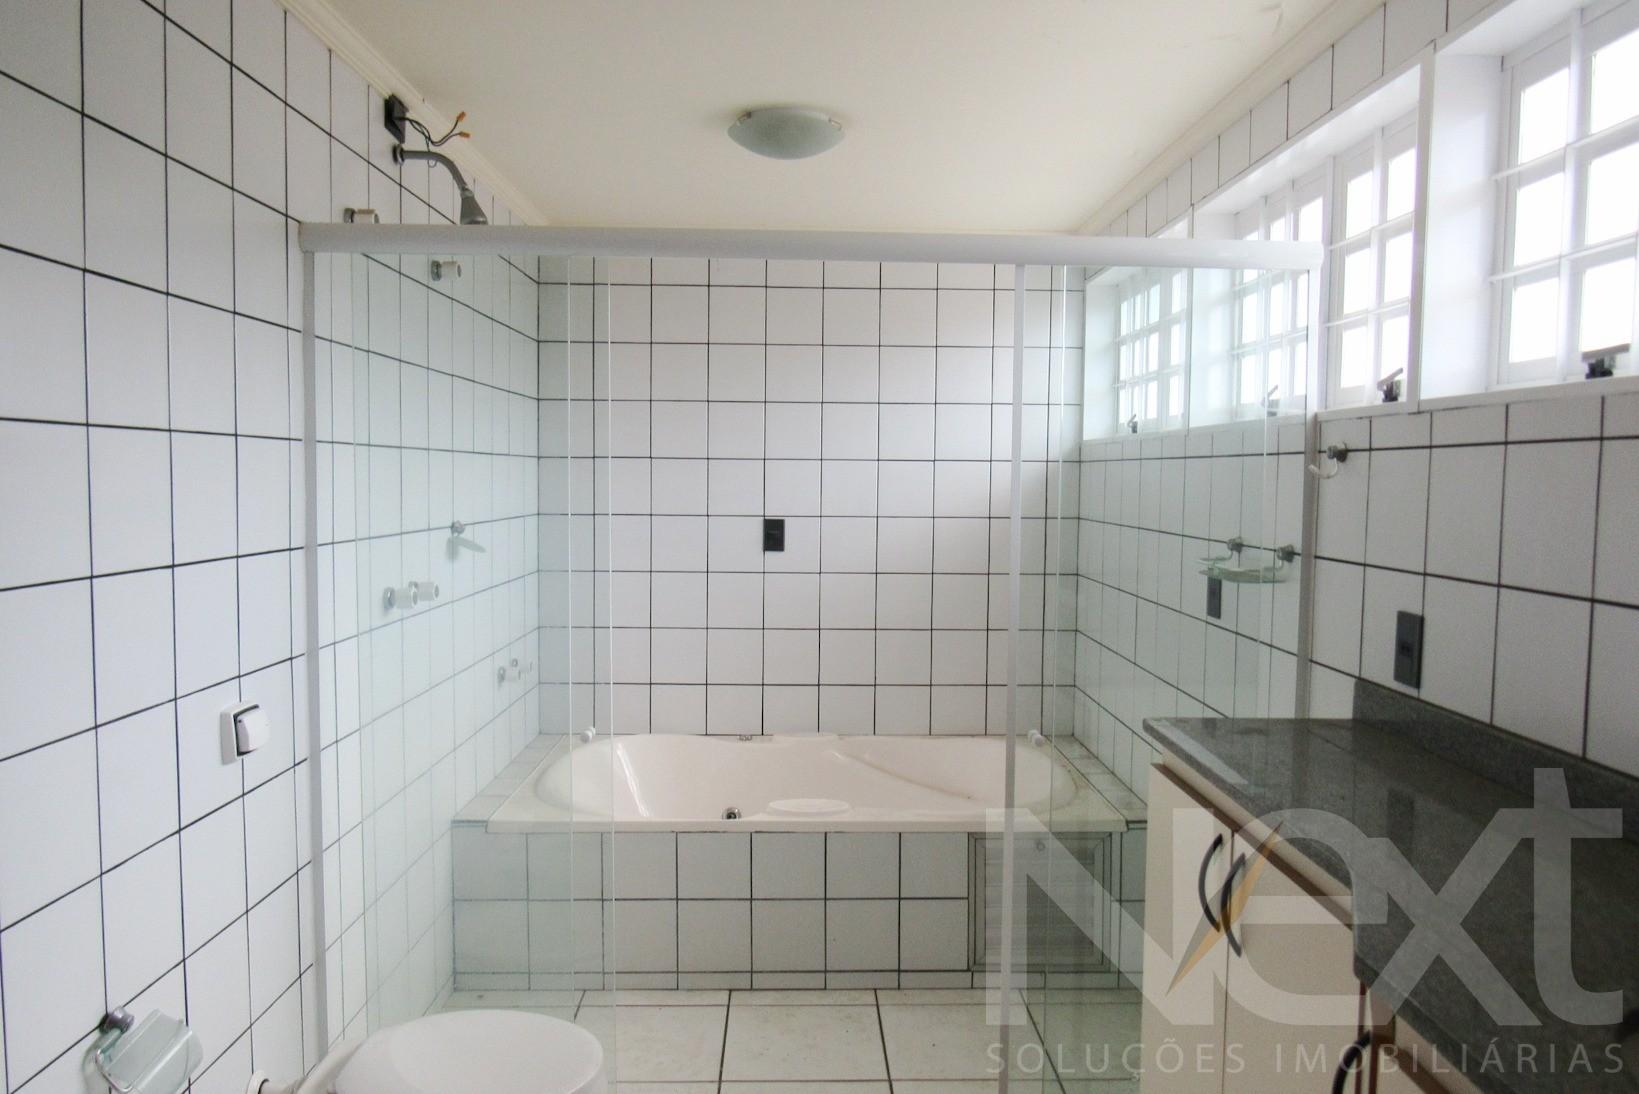 Casa de 3 dormitórios à venda em Barao Geraldo, Campinas - SP